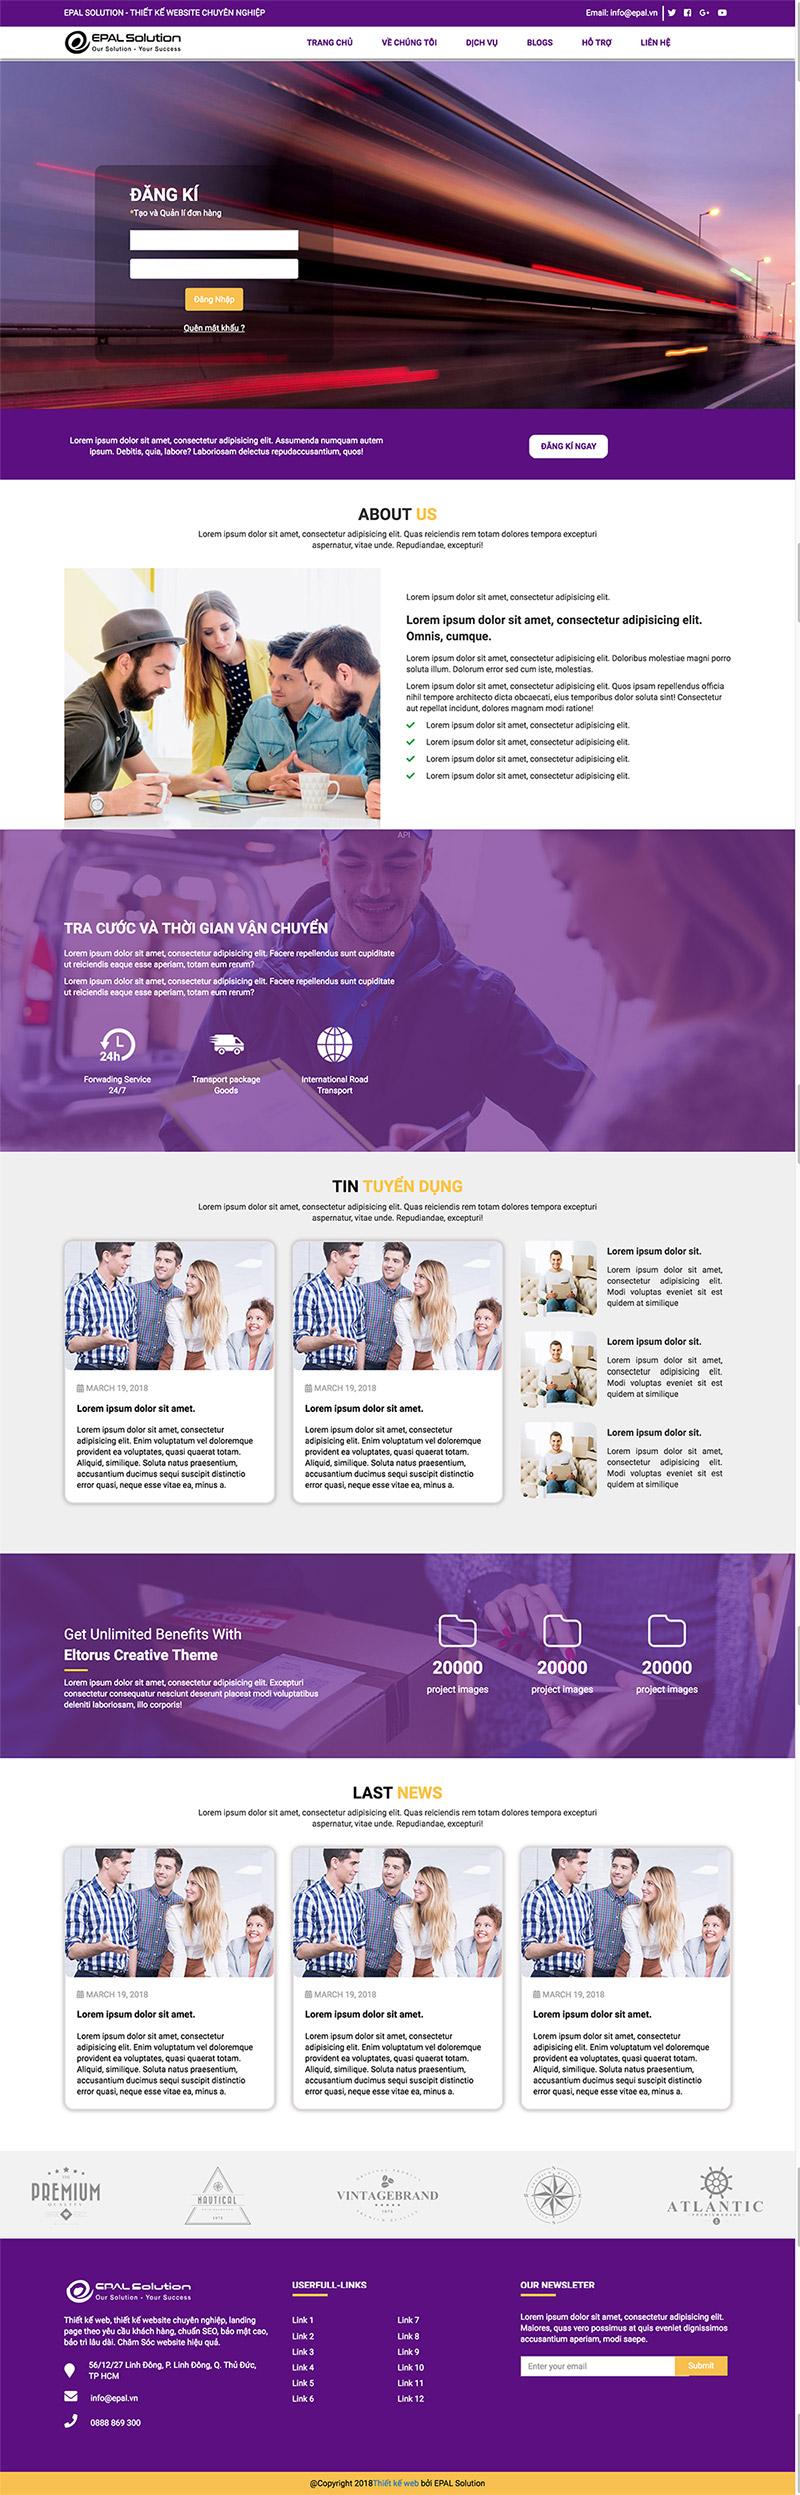 Giao diện website doanh nghiệp Chuyển Phát Nhanh